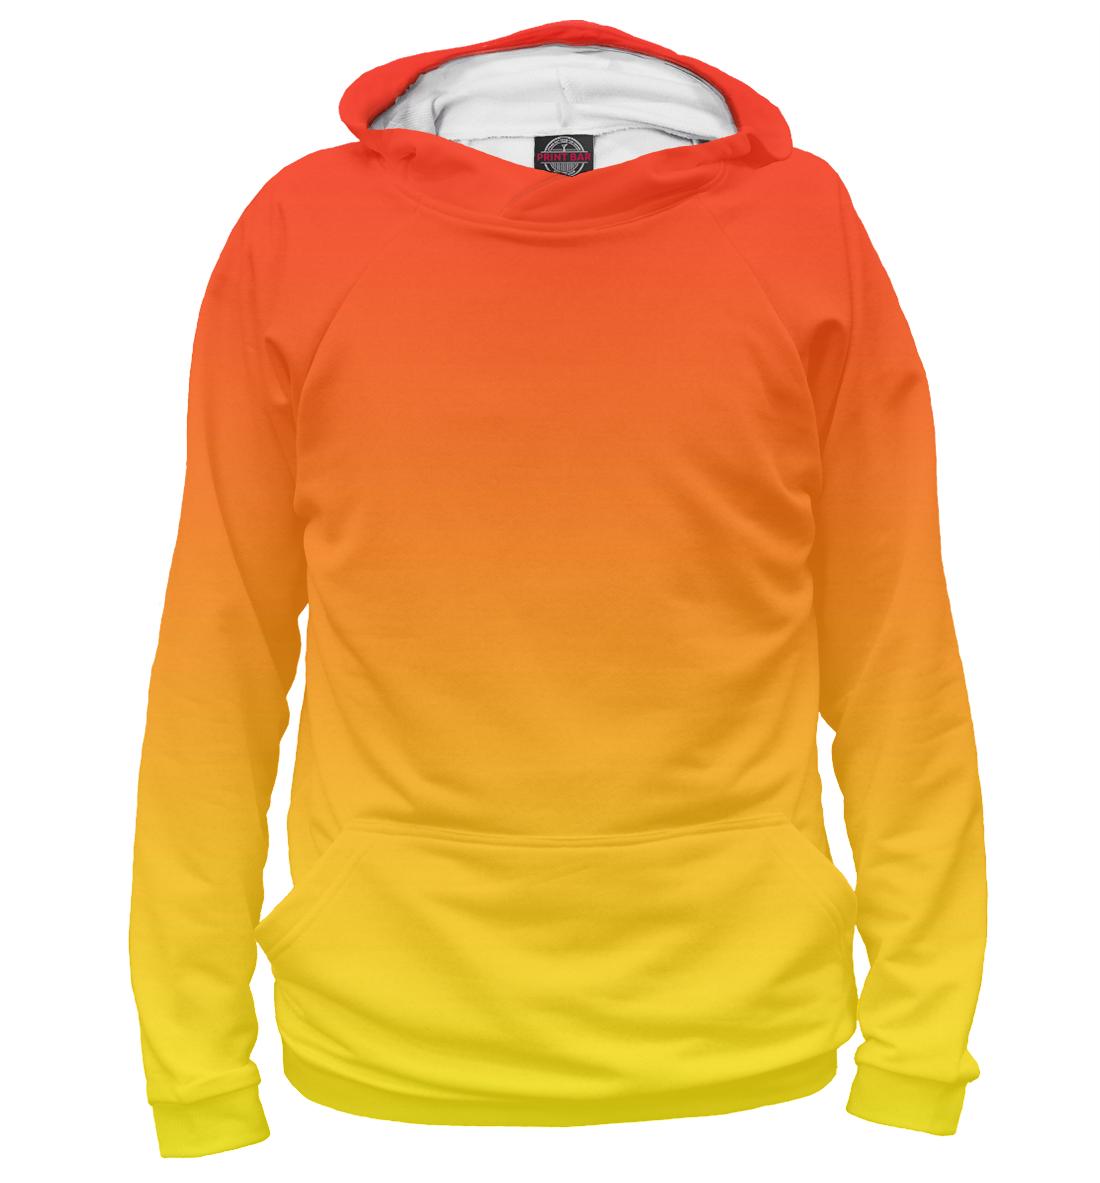 Купить Градиент: Красный в Желтый, Printbar, Худи, CLR-550766-hud-2